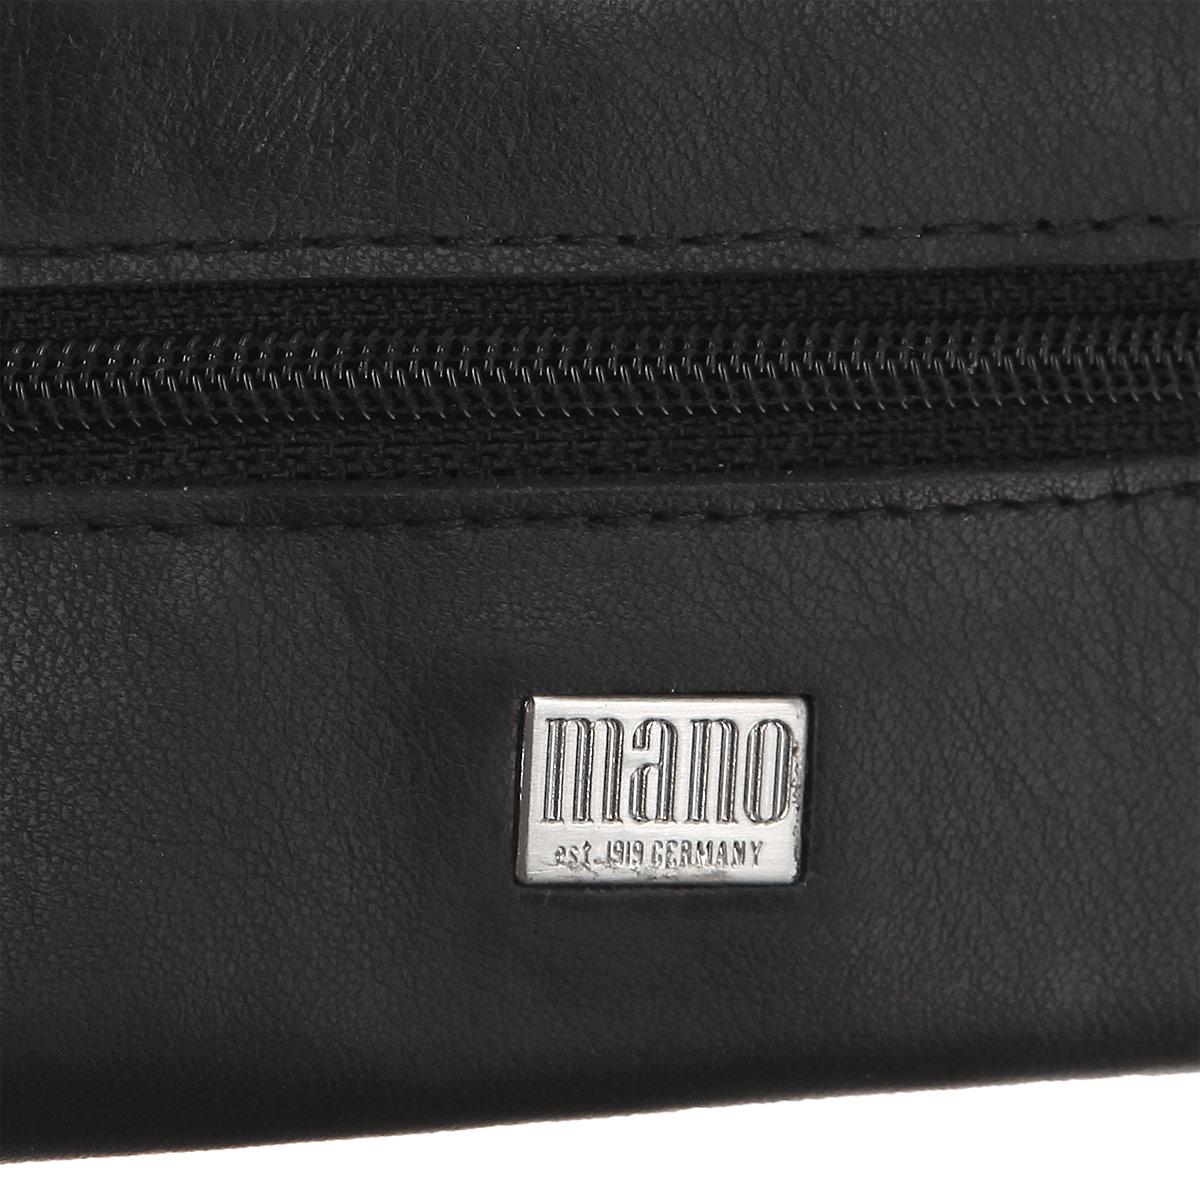 Ключница мужская Mano, цвет: черный. 15820 ( 15820 )